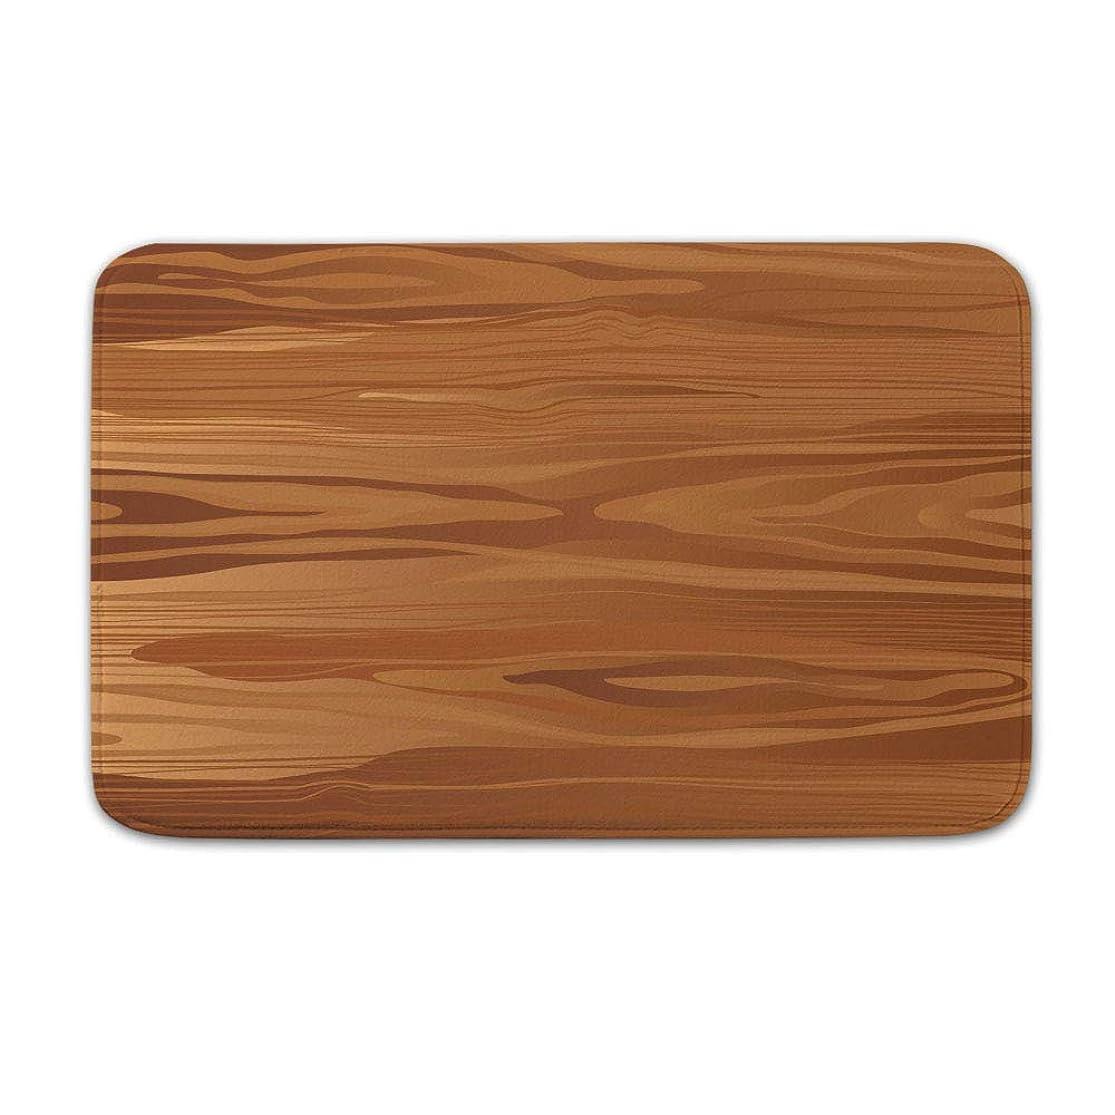 DKISEE Indoor Outdoor Entrance Rug Floor Mat Bathmat Woodgrain Doormat, 20